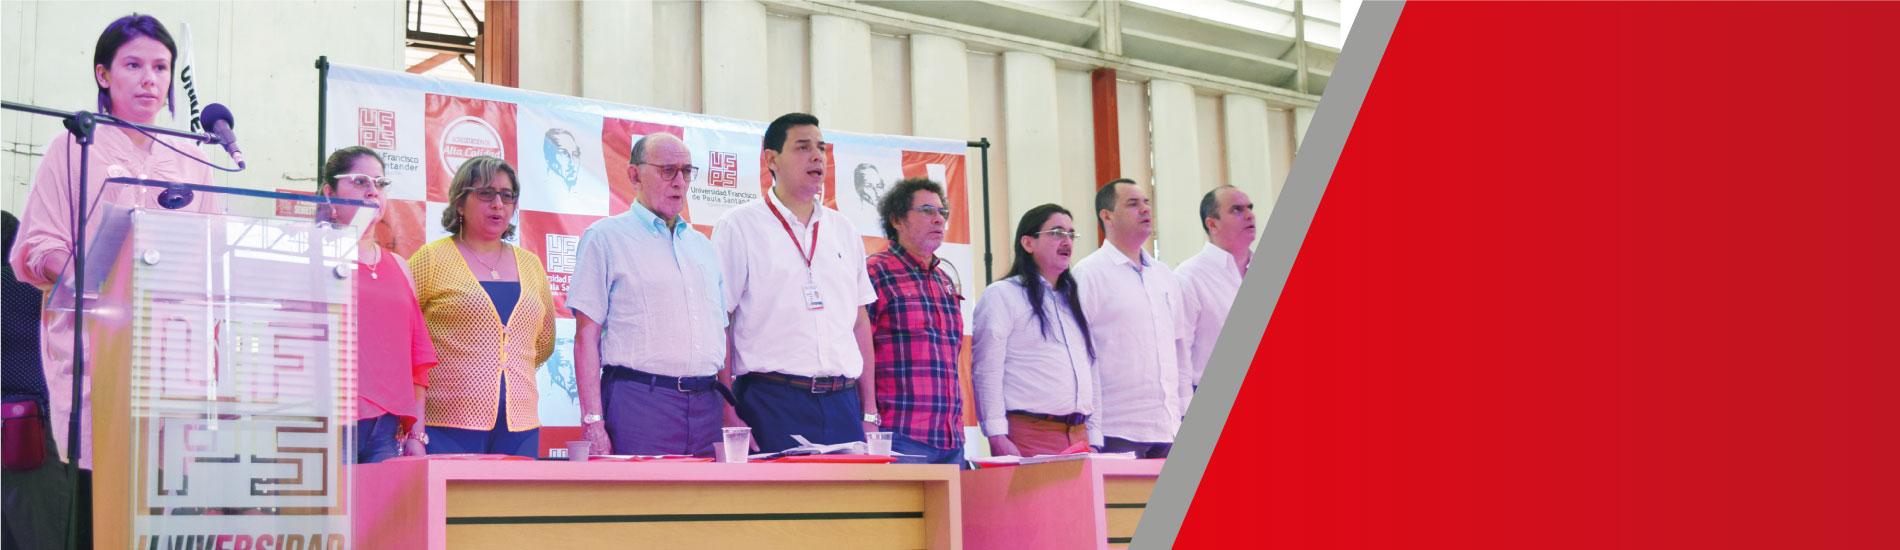 La UFPS escenario del Diálogo Útil para la Construcción de Paz Territorial en Norte de Santander